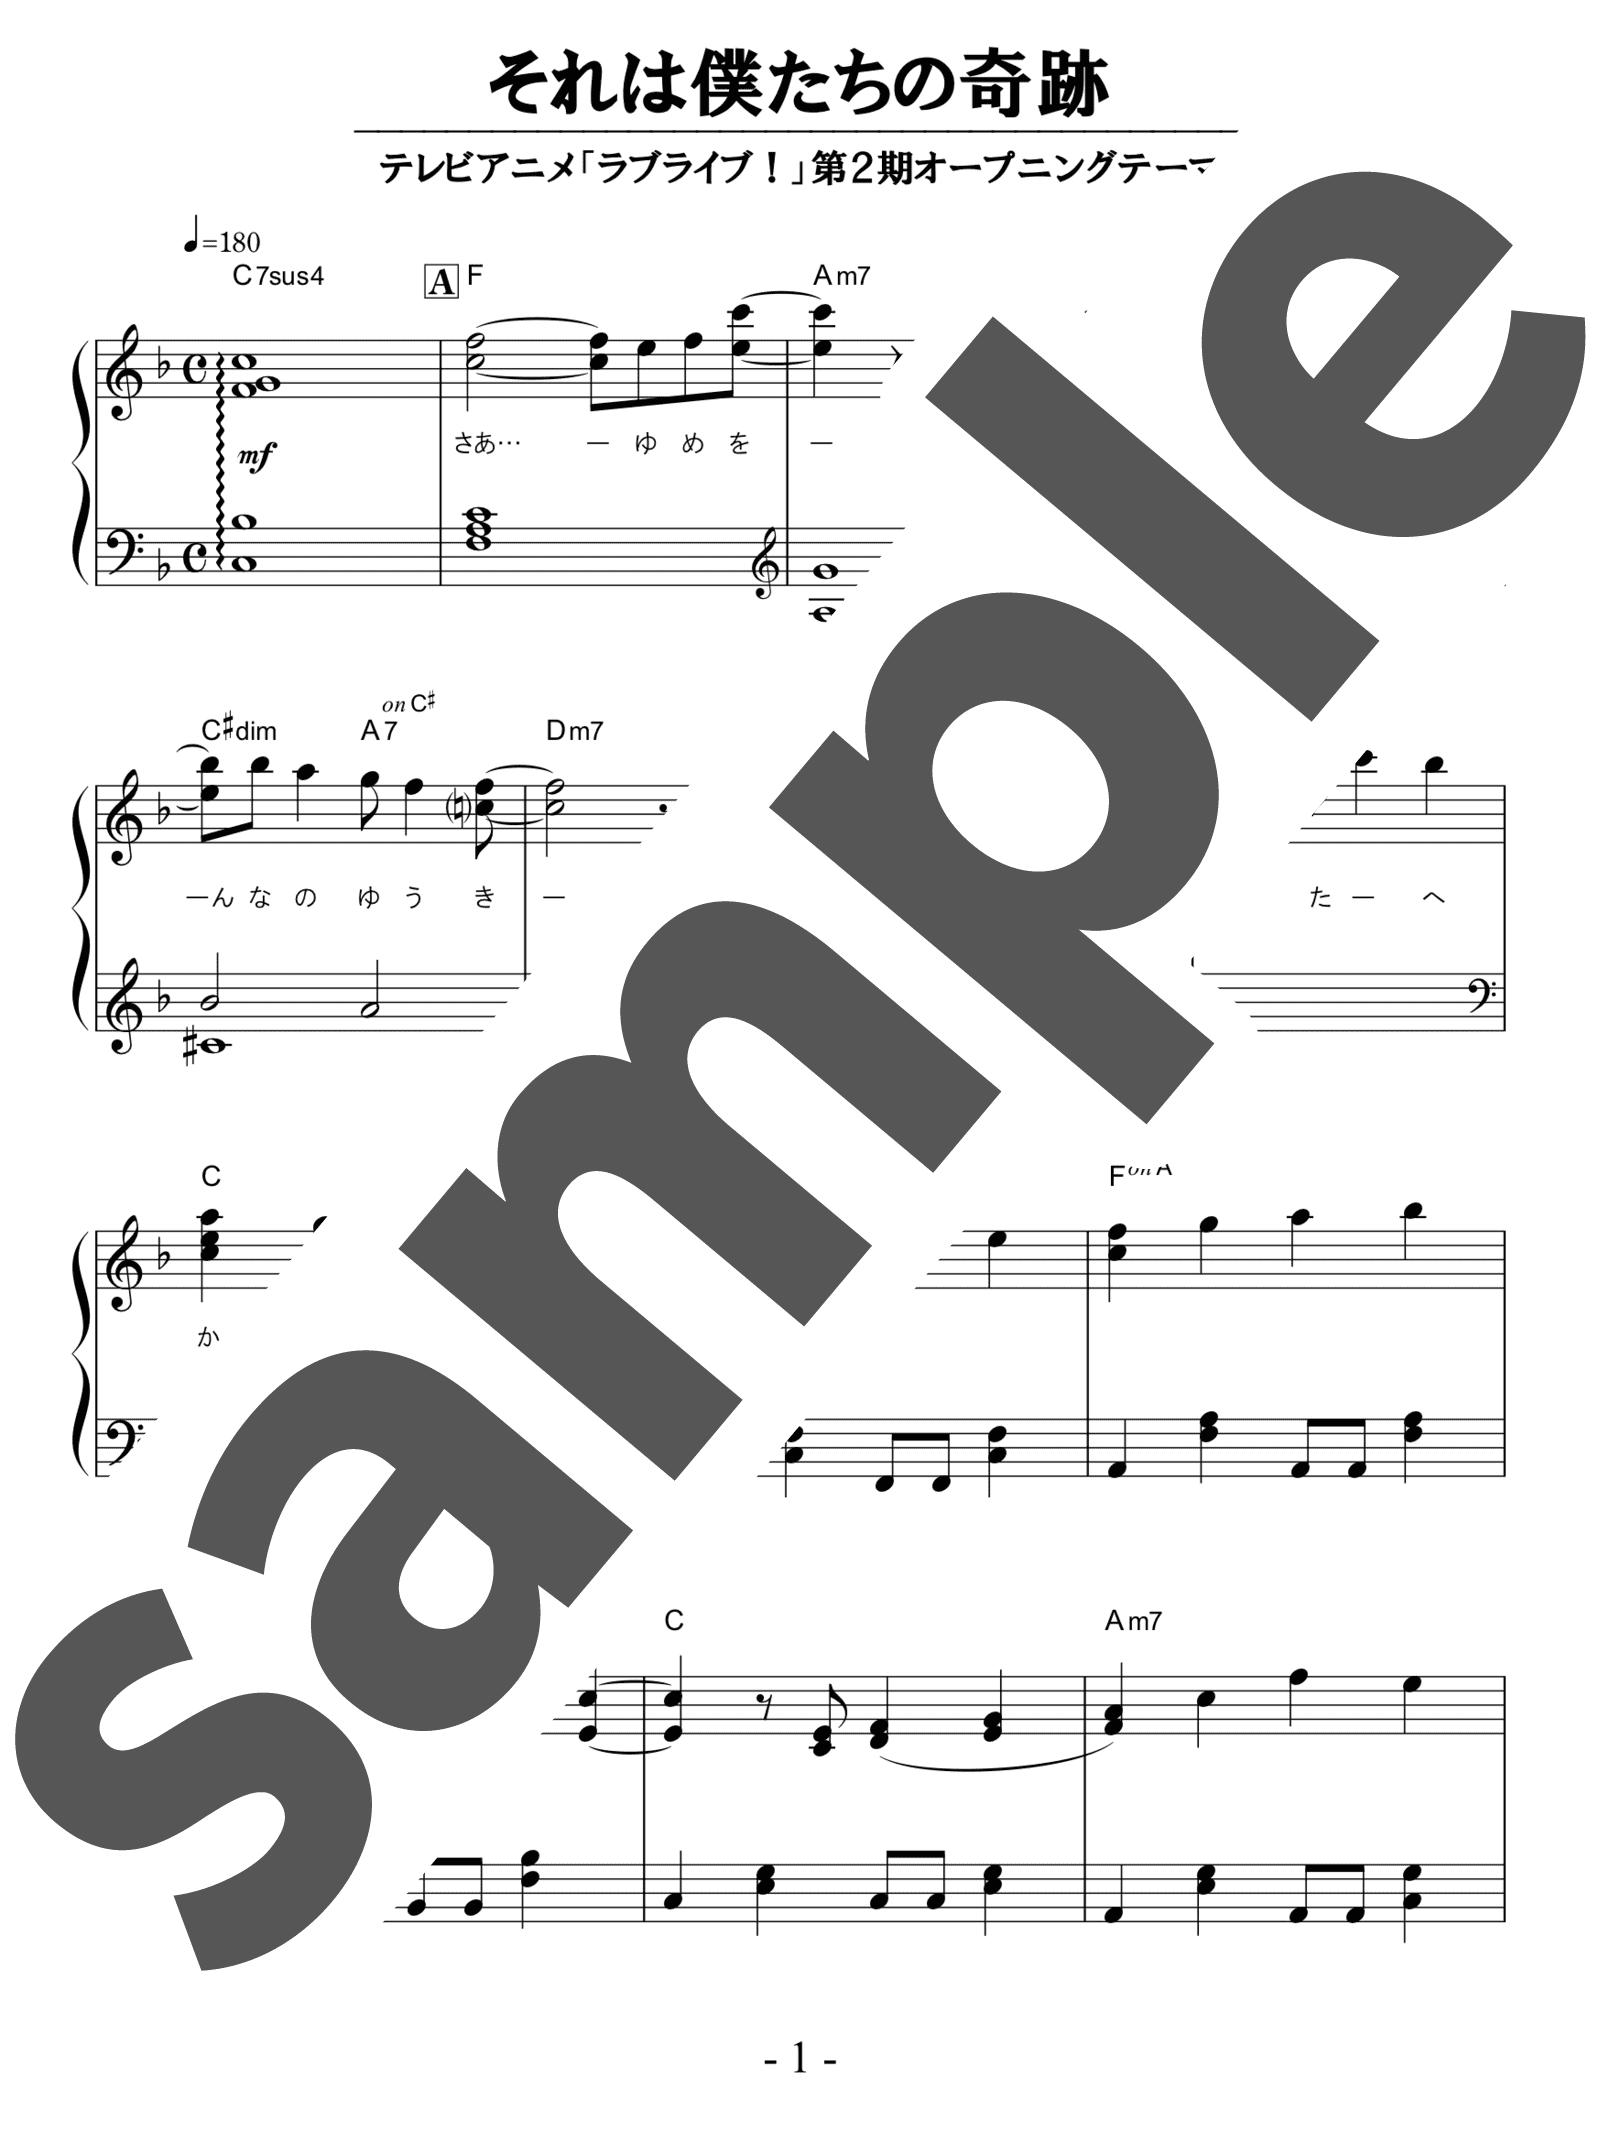 「それは僕たちの奇跡」のサンプル楽譜